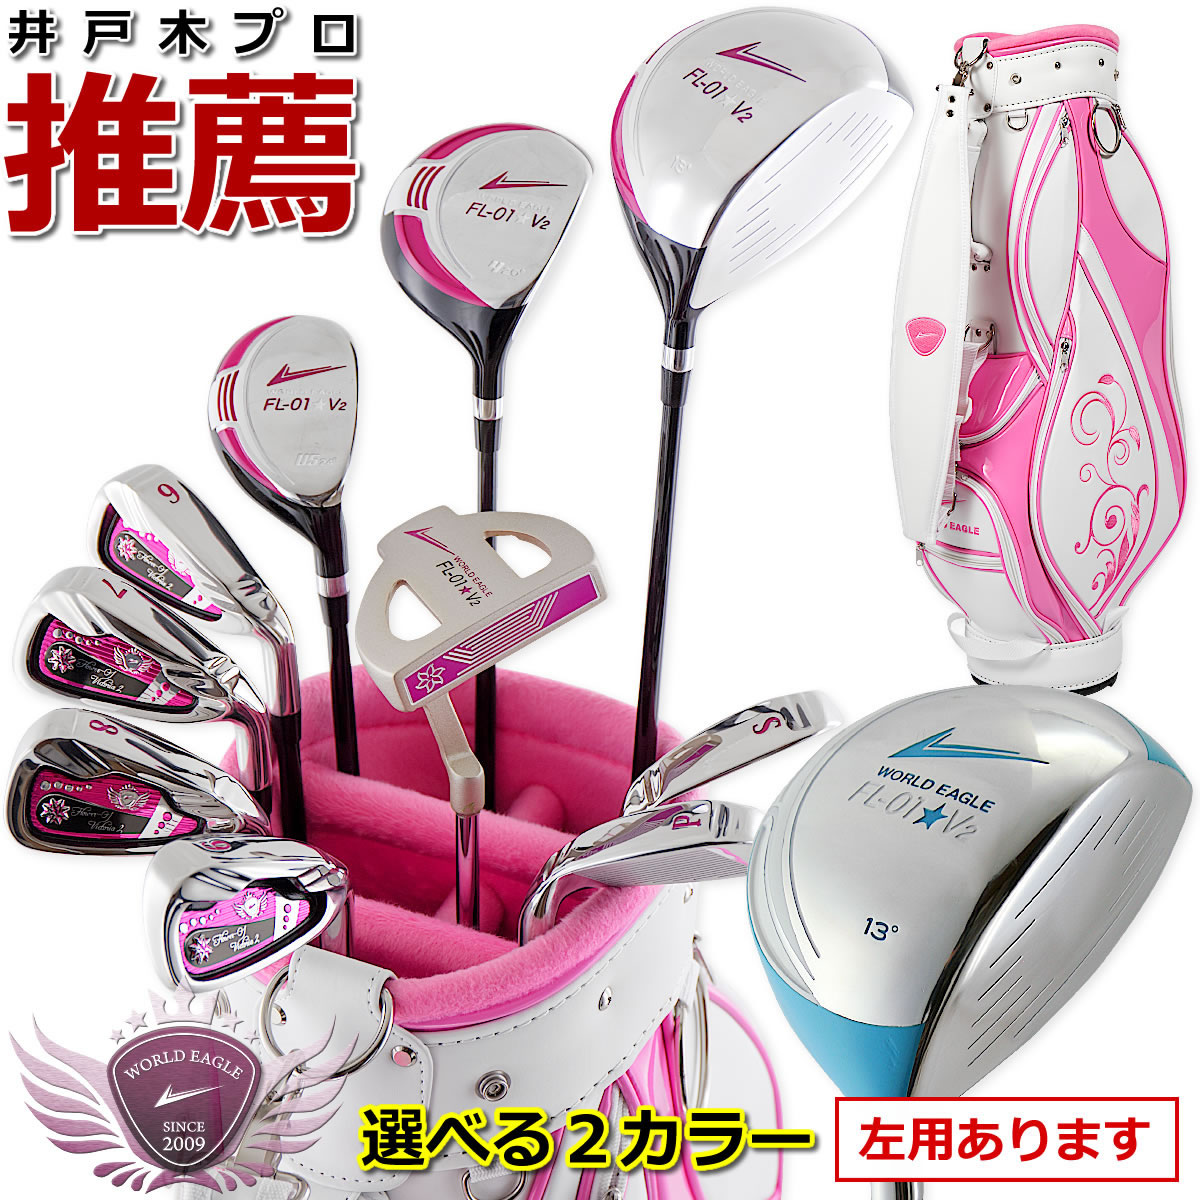 華やかに☆WE-FL-01+G510 ホワイトピンクバッグ レディース13点ゴルフクラブセット【あす楽】